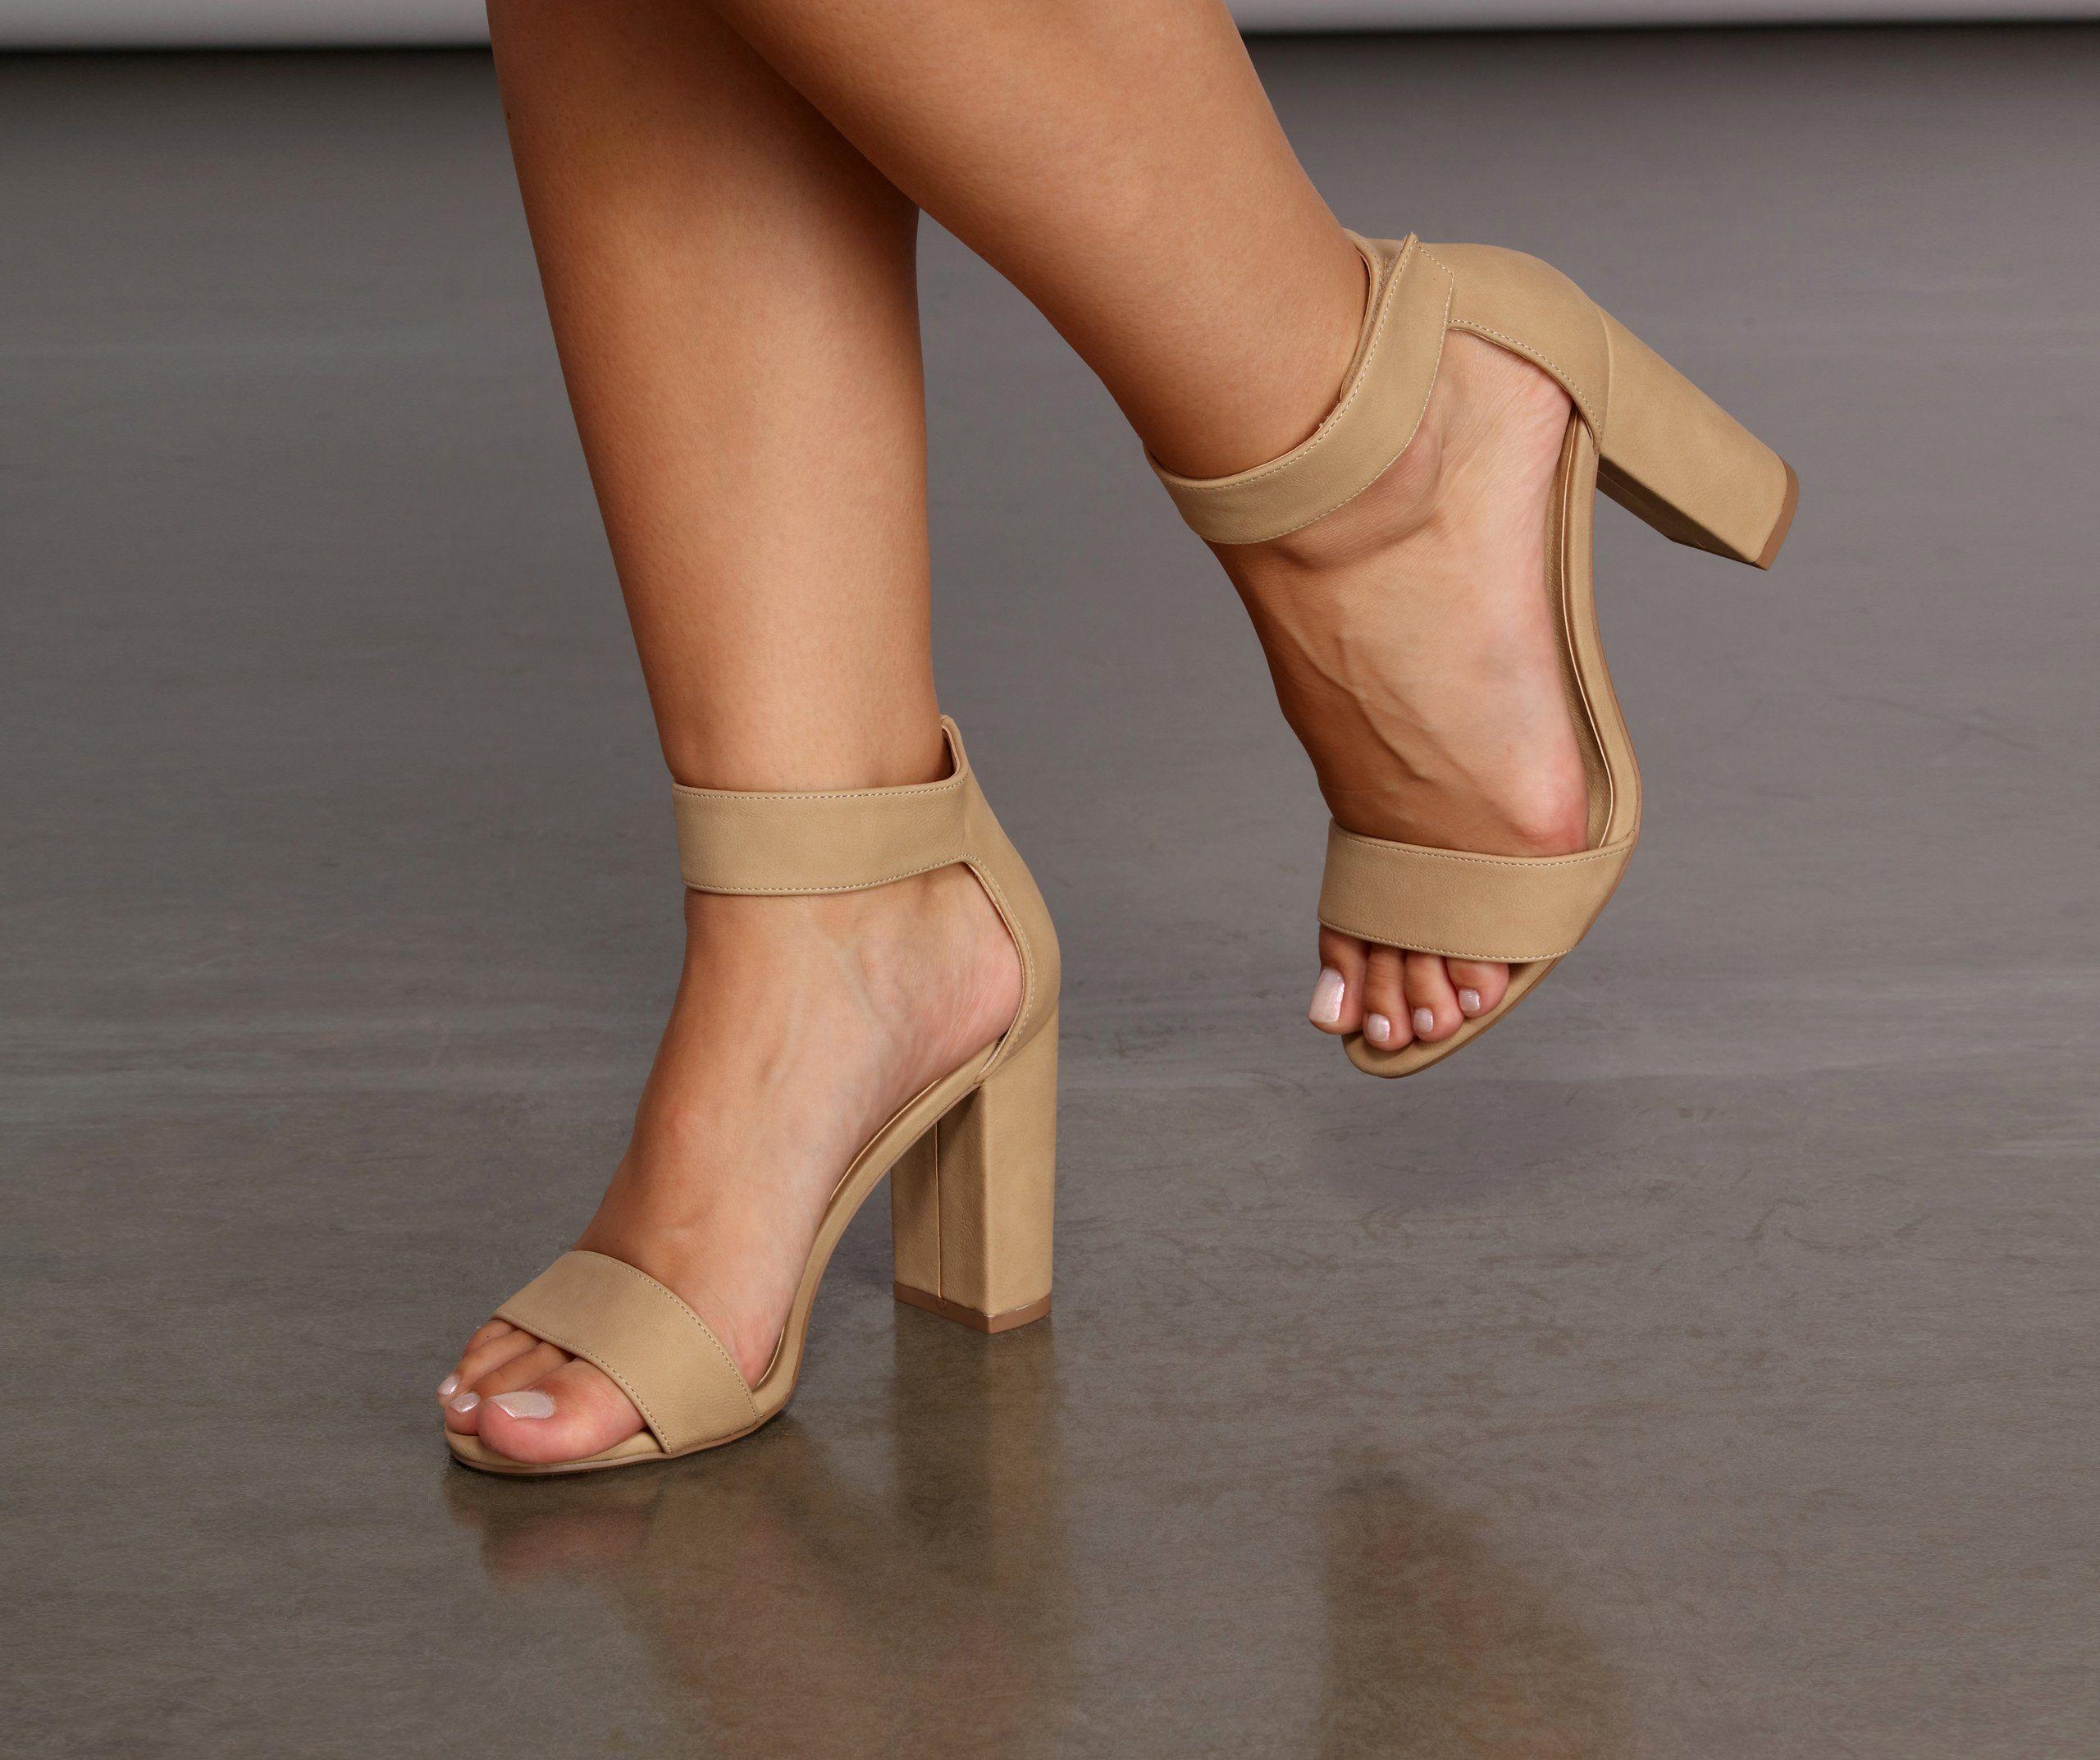 Comfort Wide Fit Chic Block Heels in